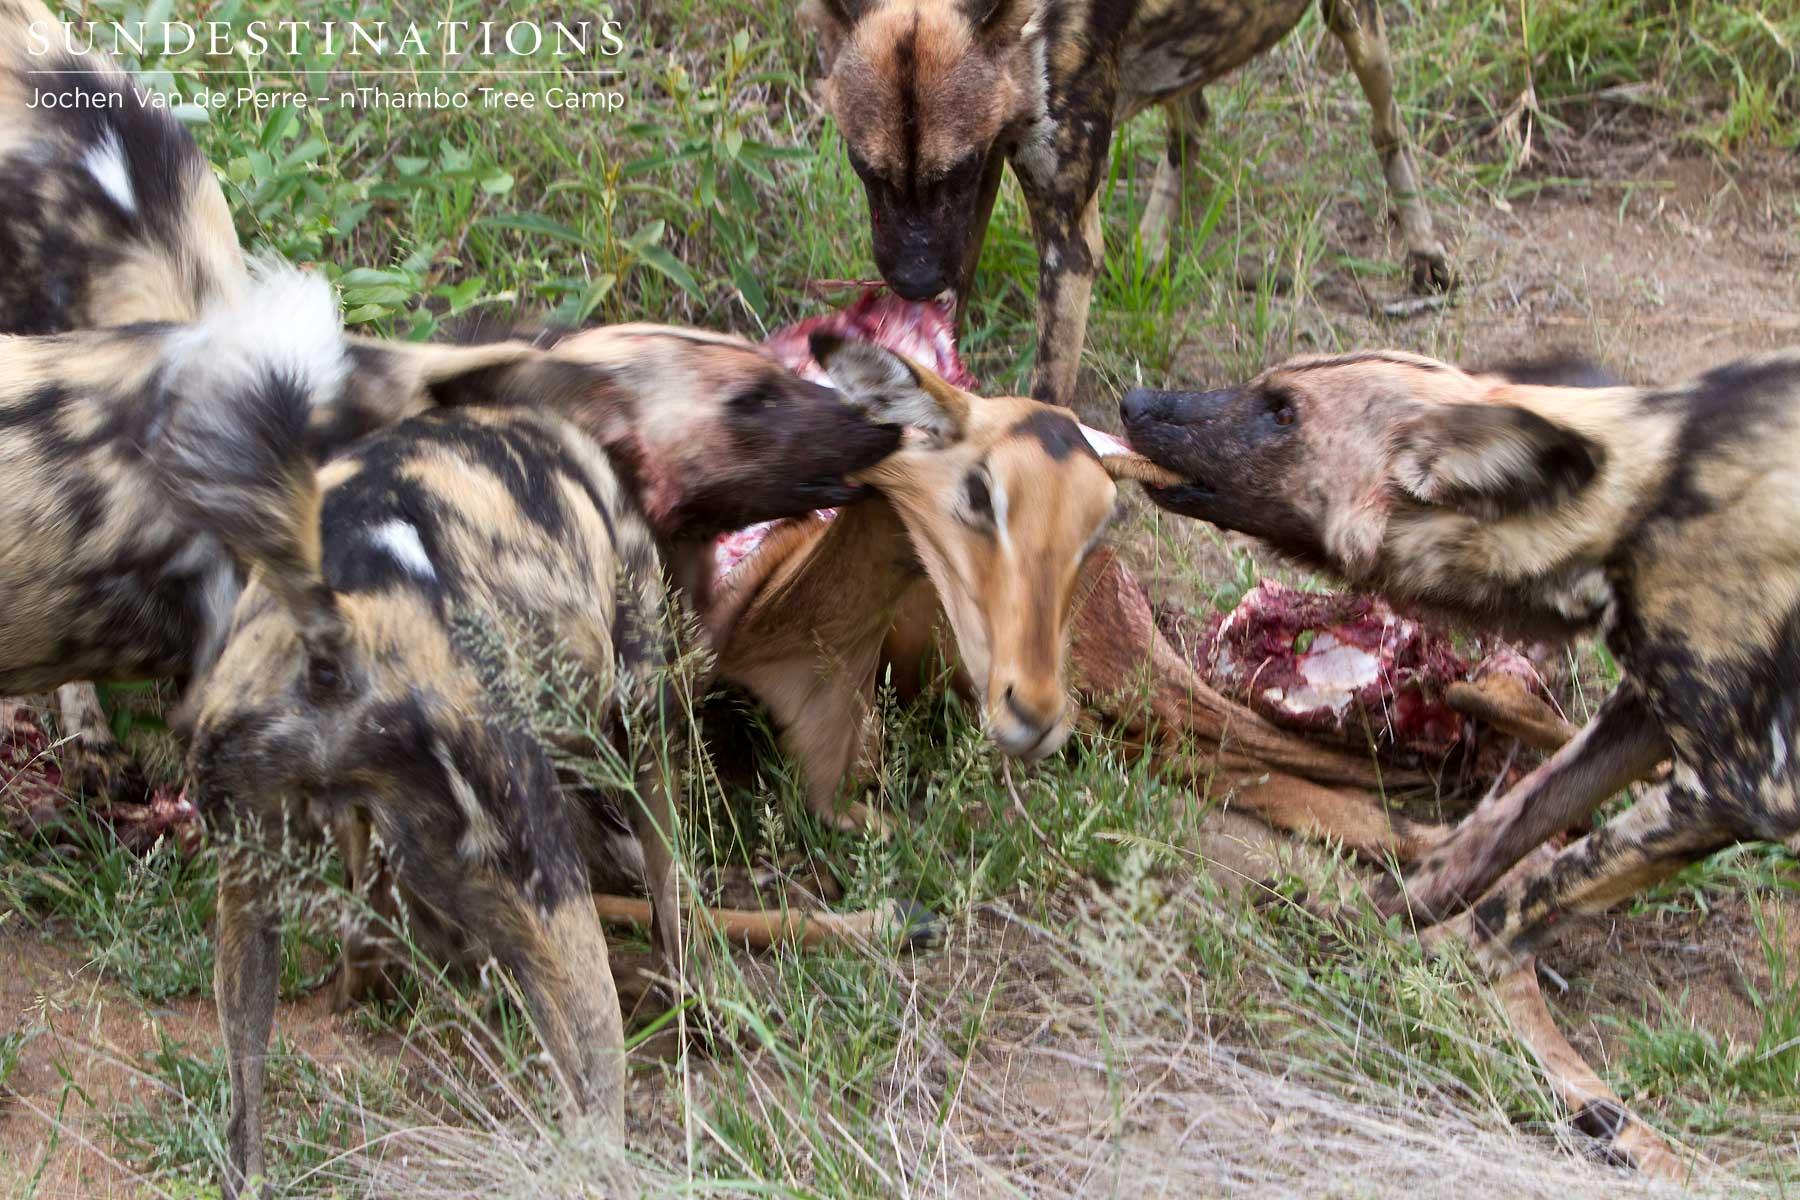 VIDEO - Wild Dog hunt in the Klaserie